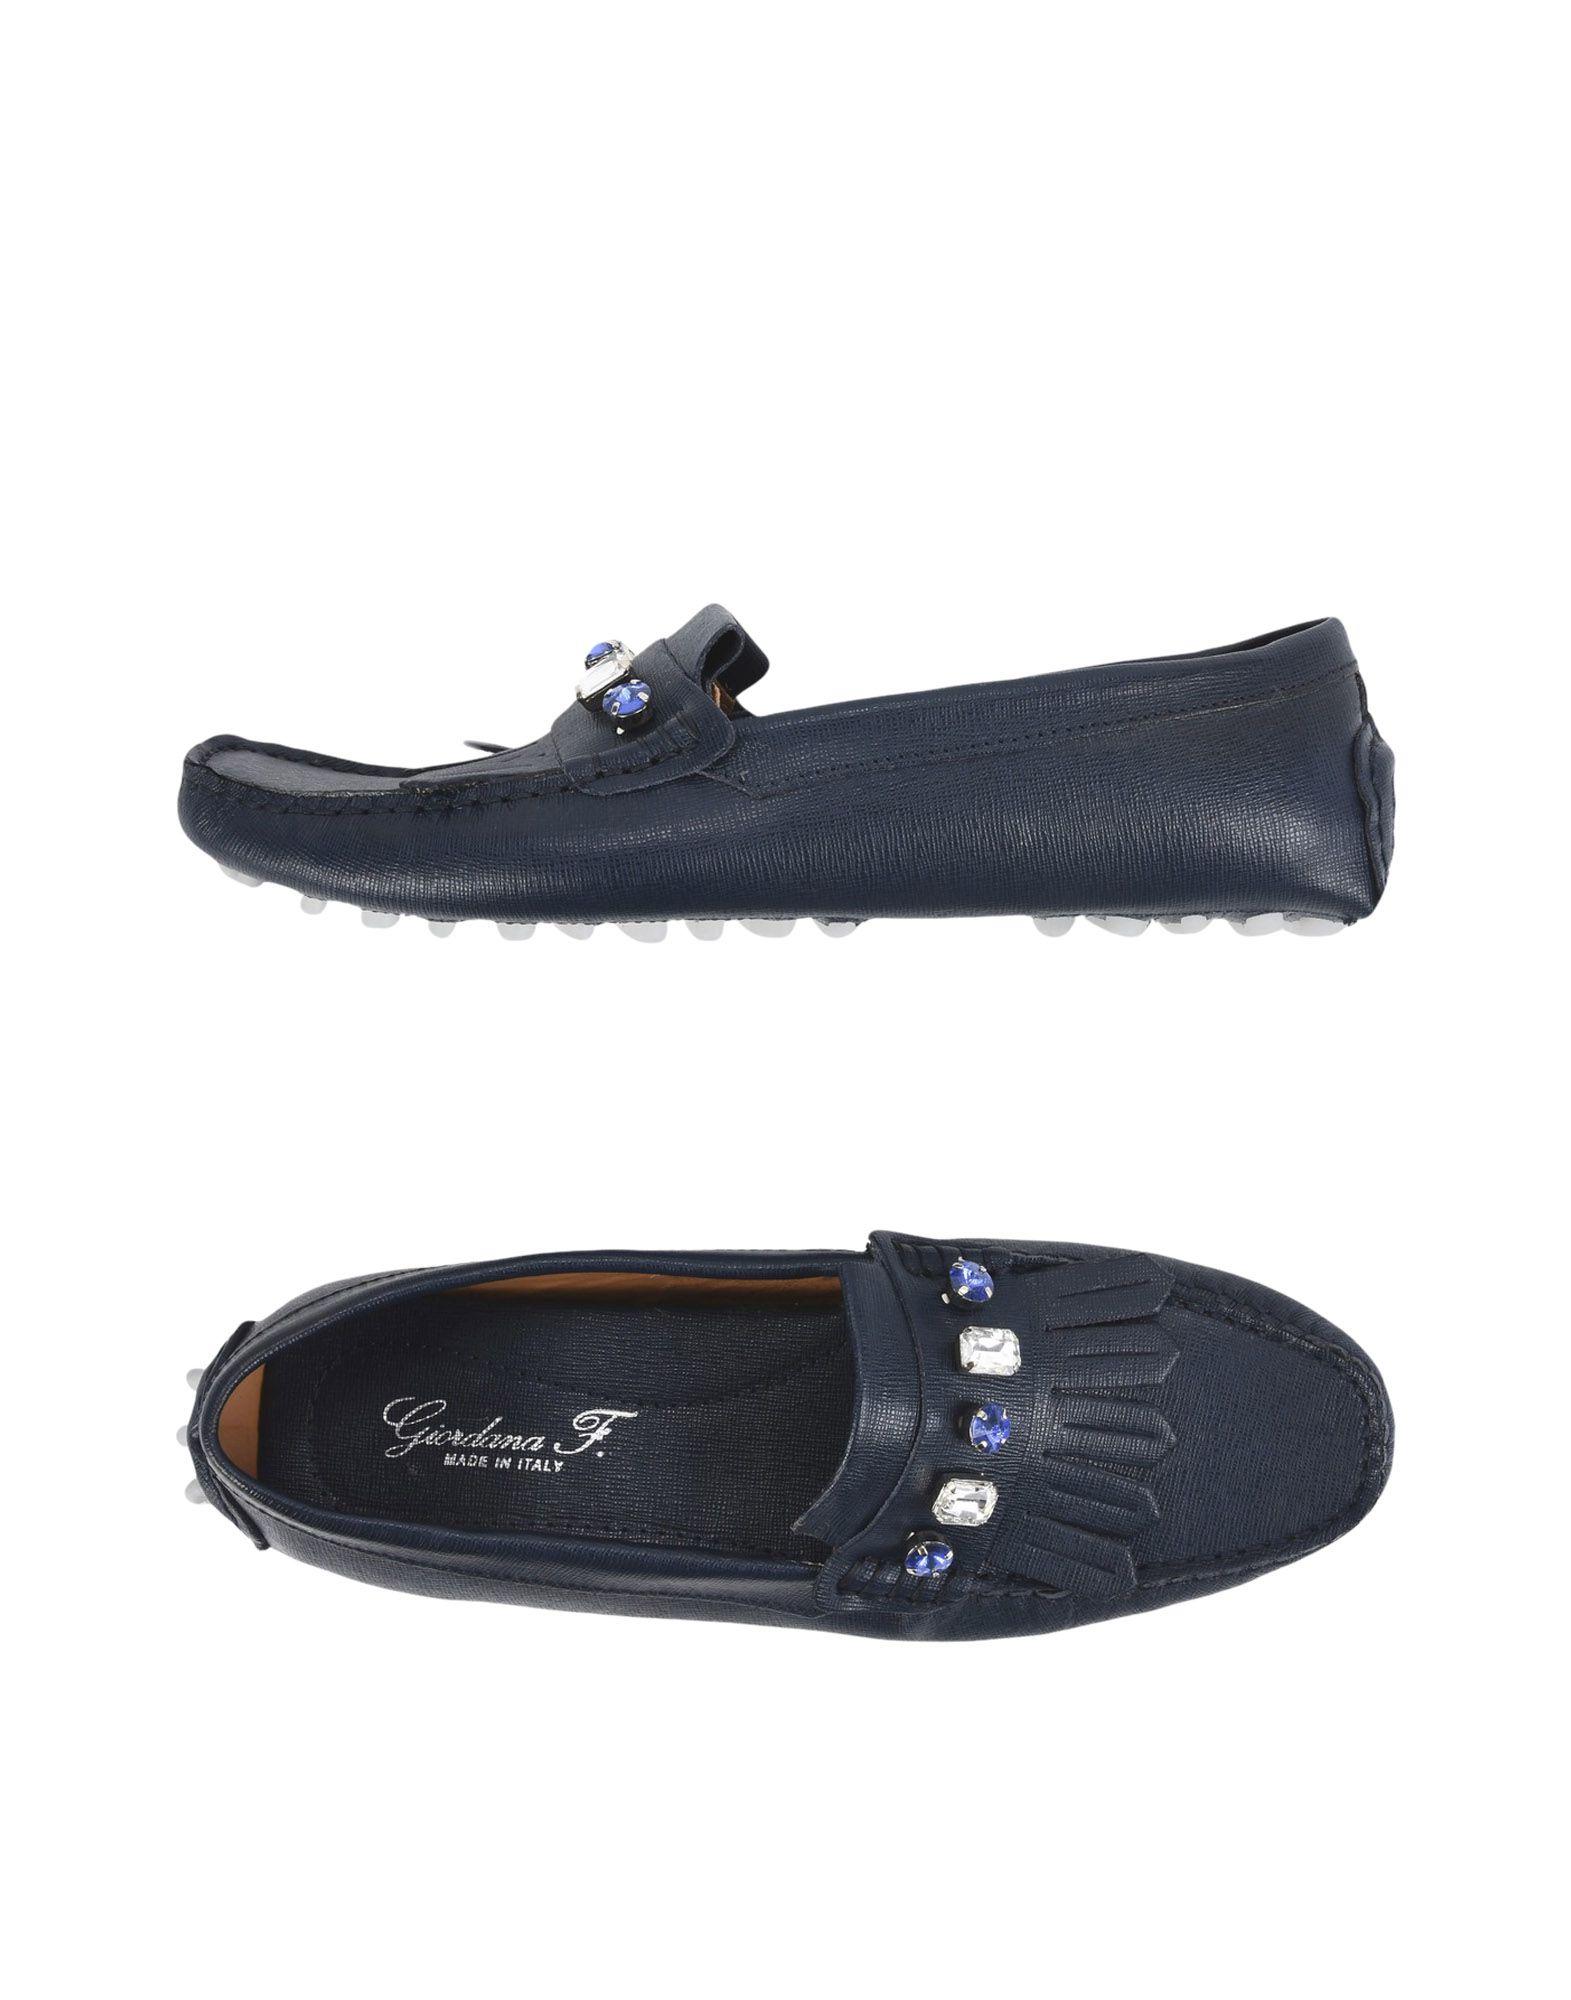 Giordana F. Gute Mokassins Damen  11458341OT Gute F. Qualität beliebte Schuhe 137c81